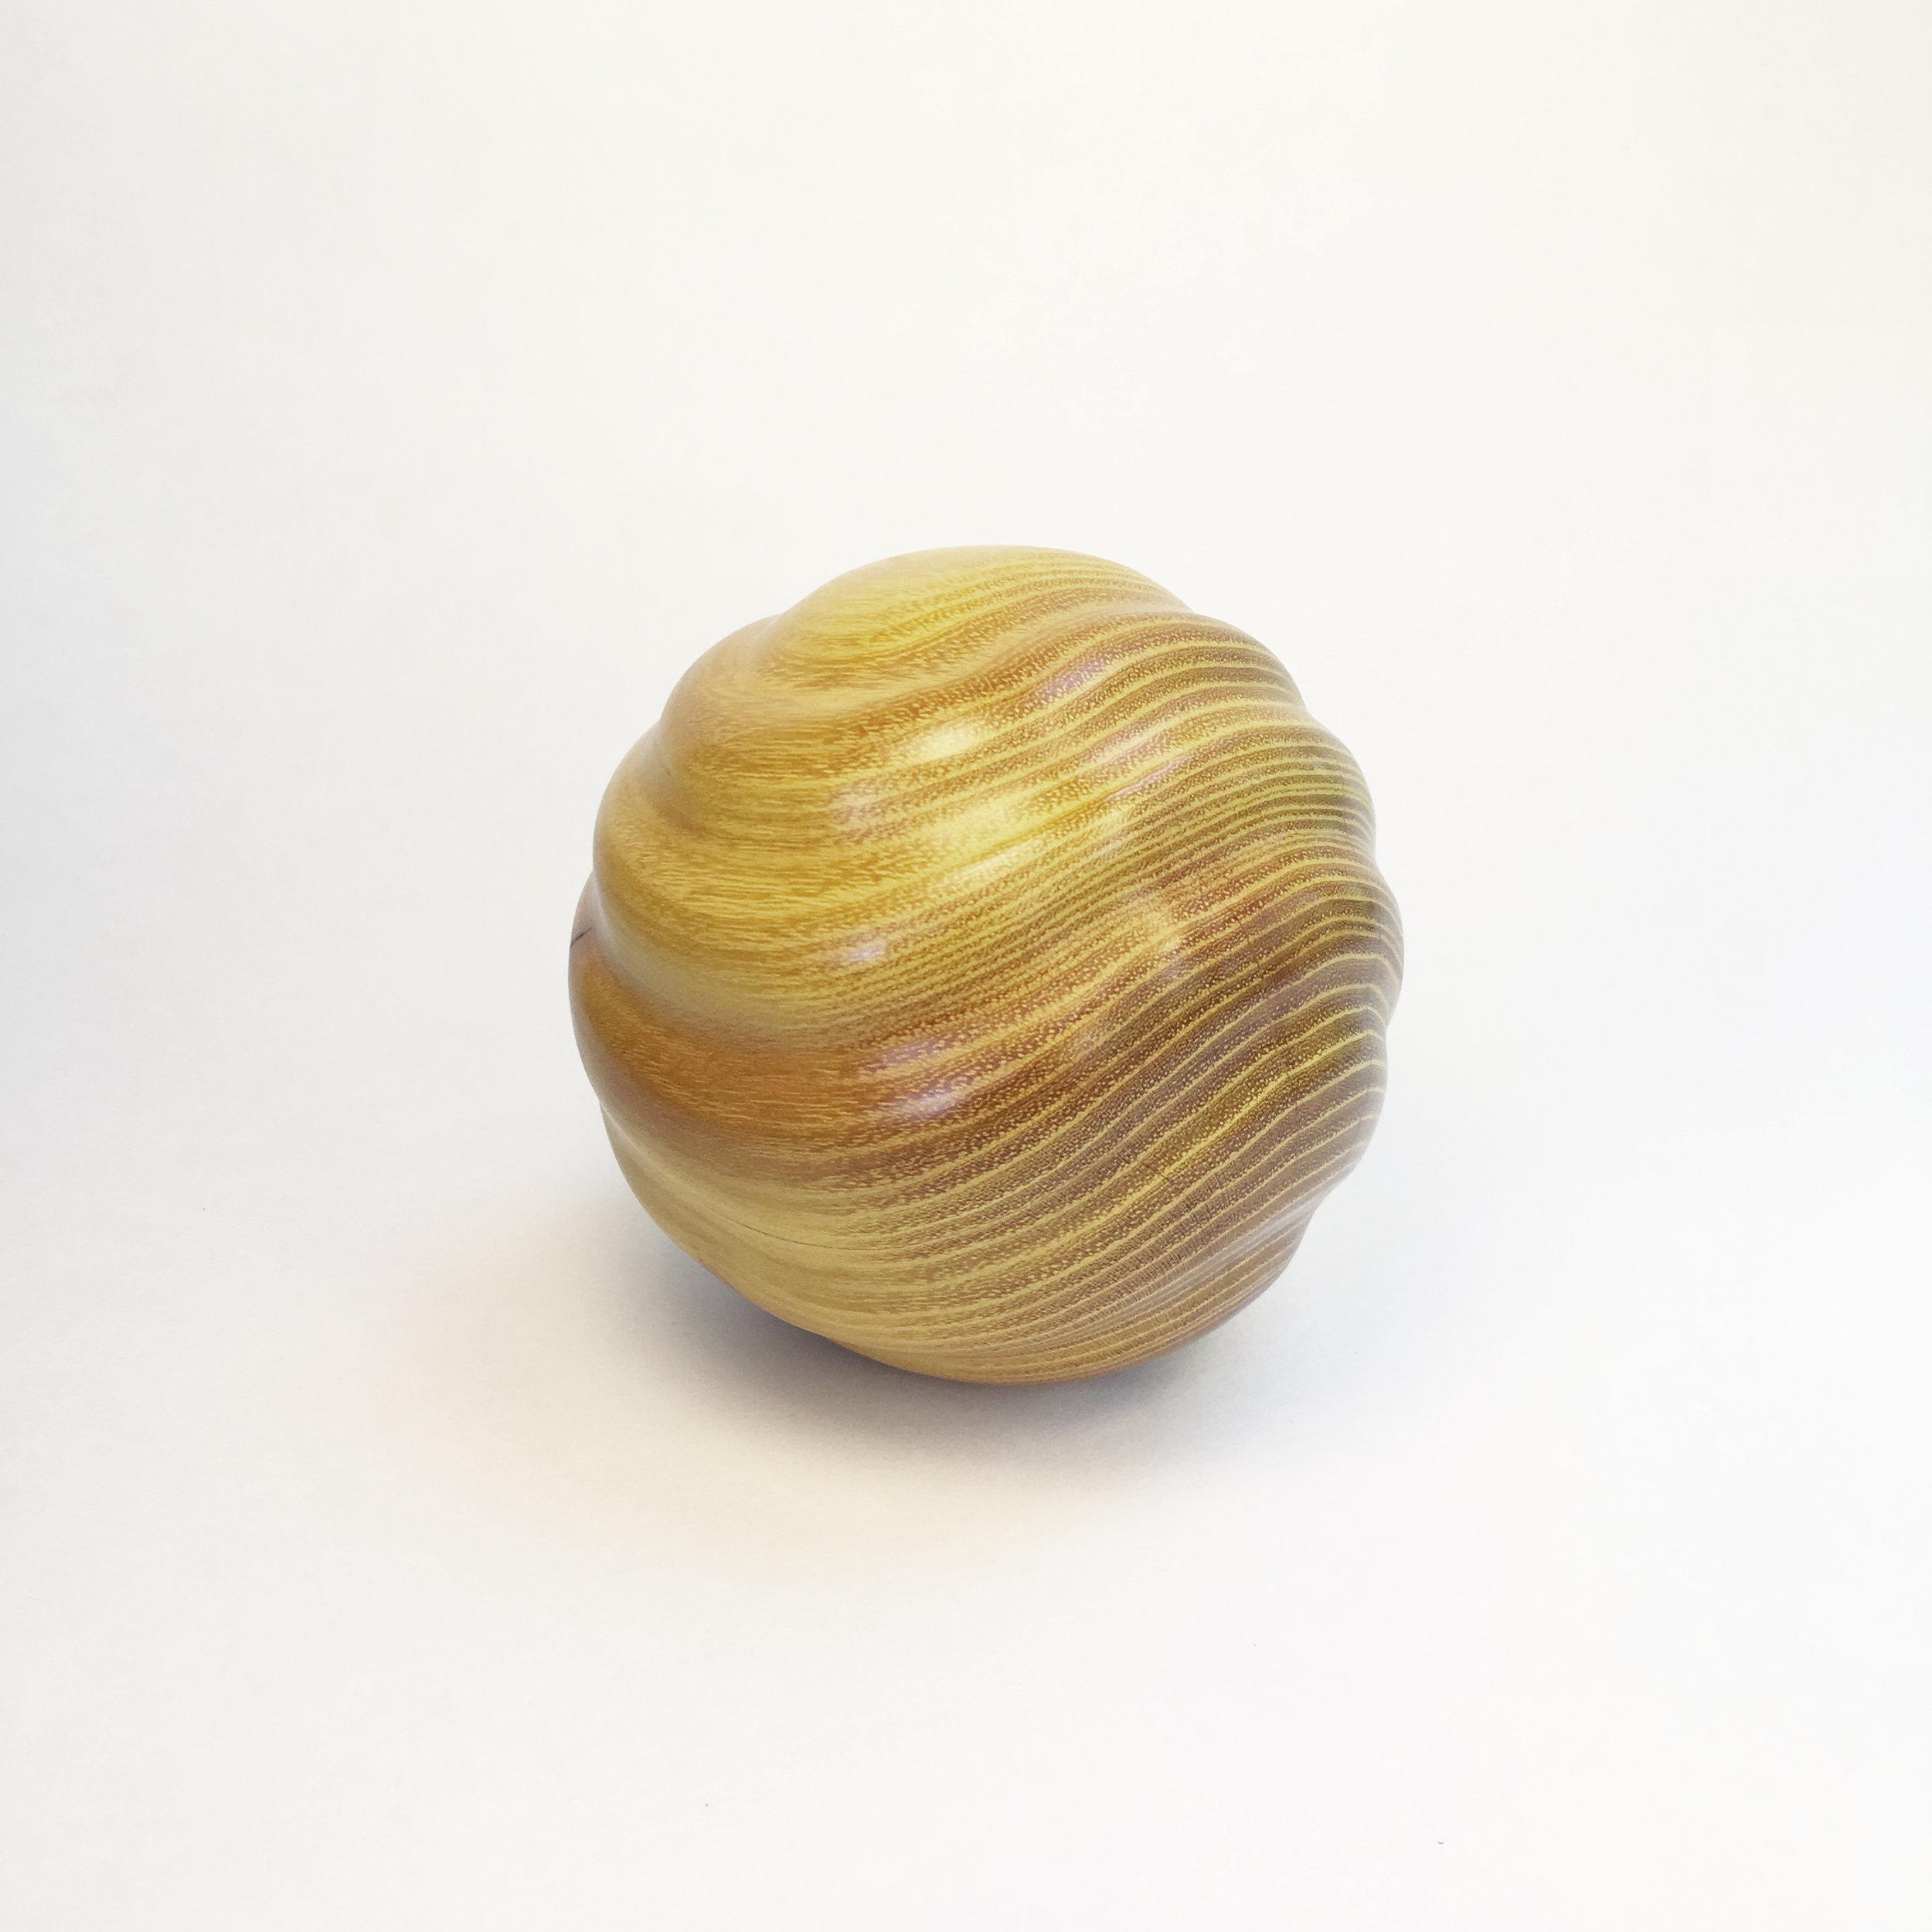 Spiral, osage orange, 2018